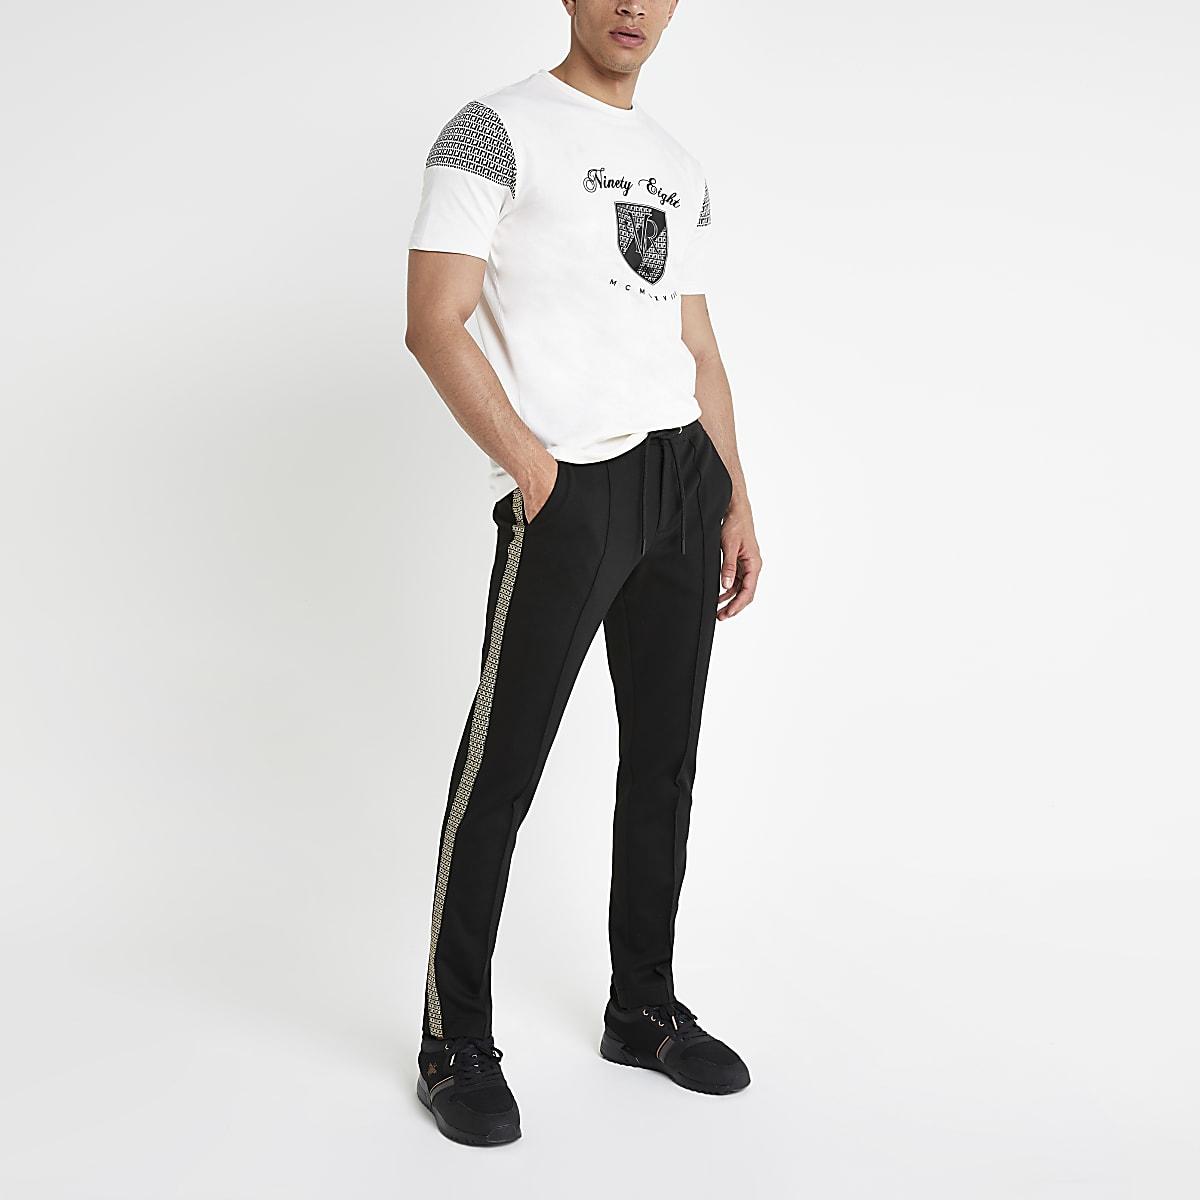 Nette Joggingbroek.Zwarte Skinny Fit Nette Joggingbroek Met Bies Modieuze Broek